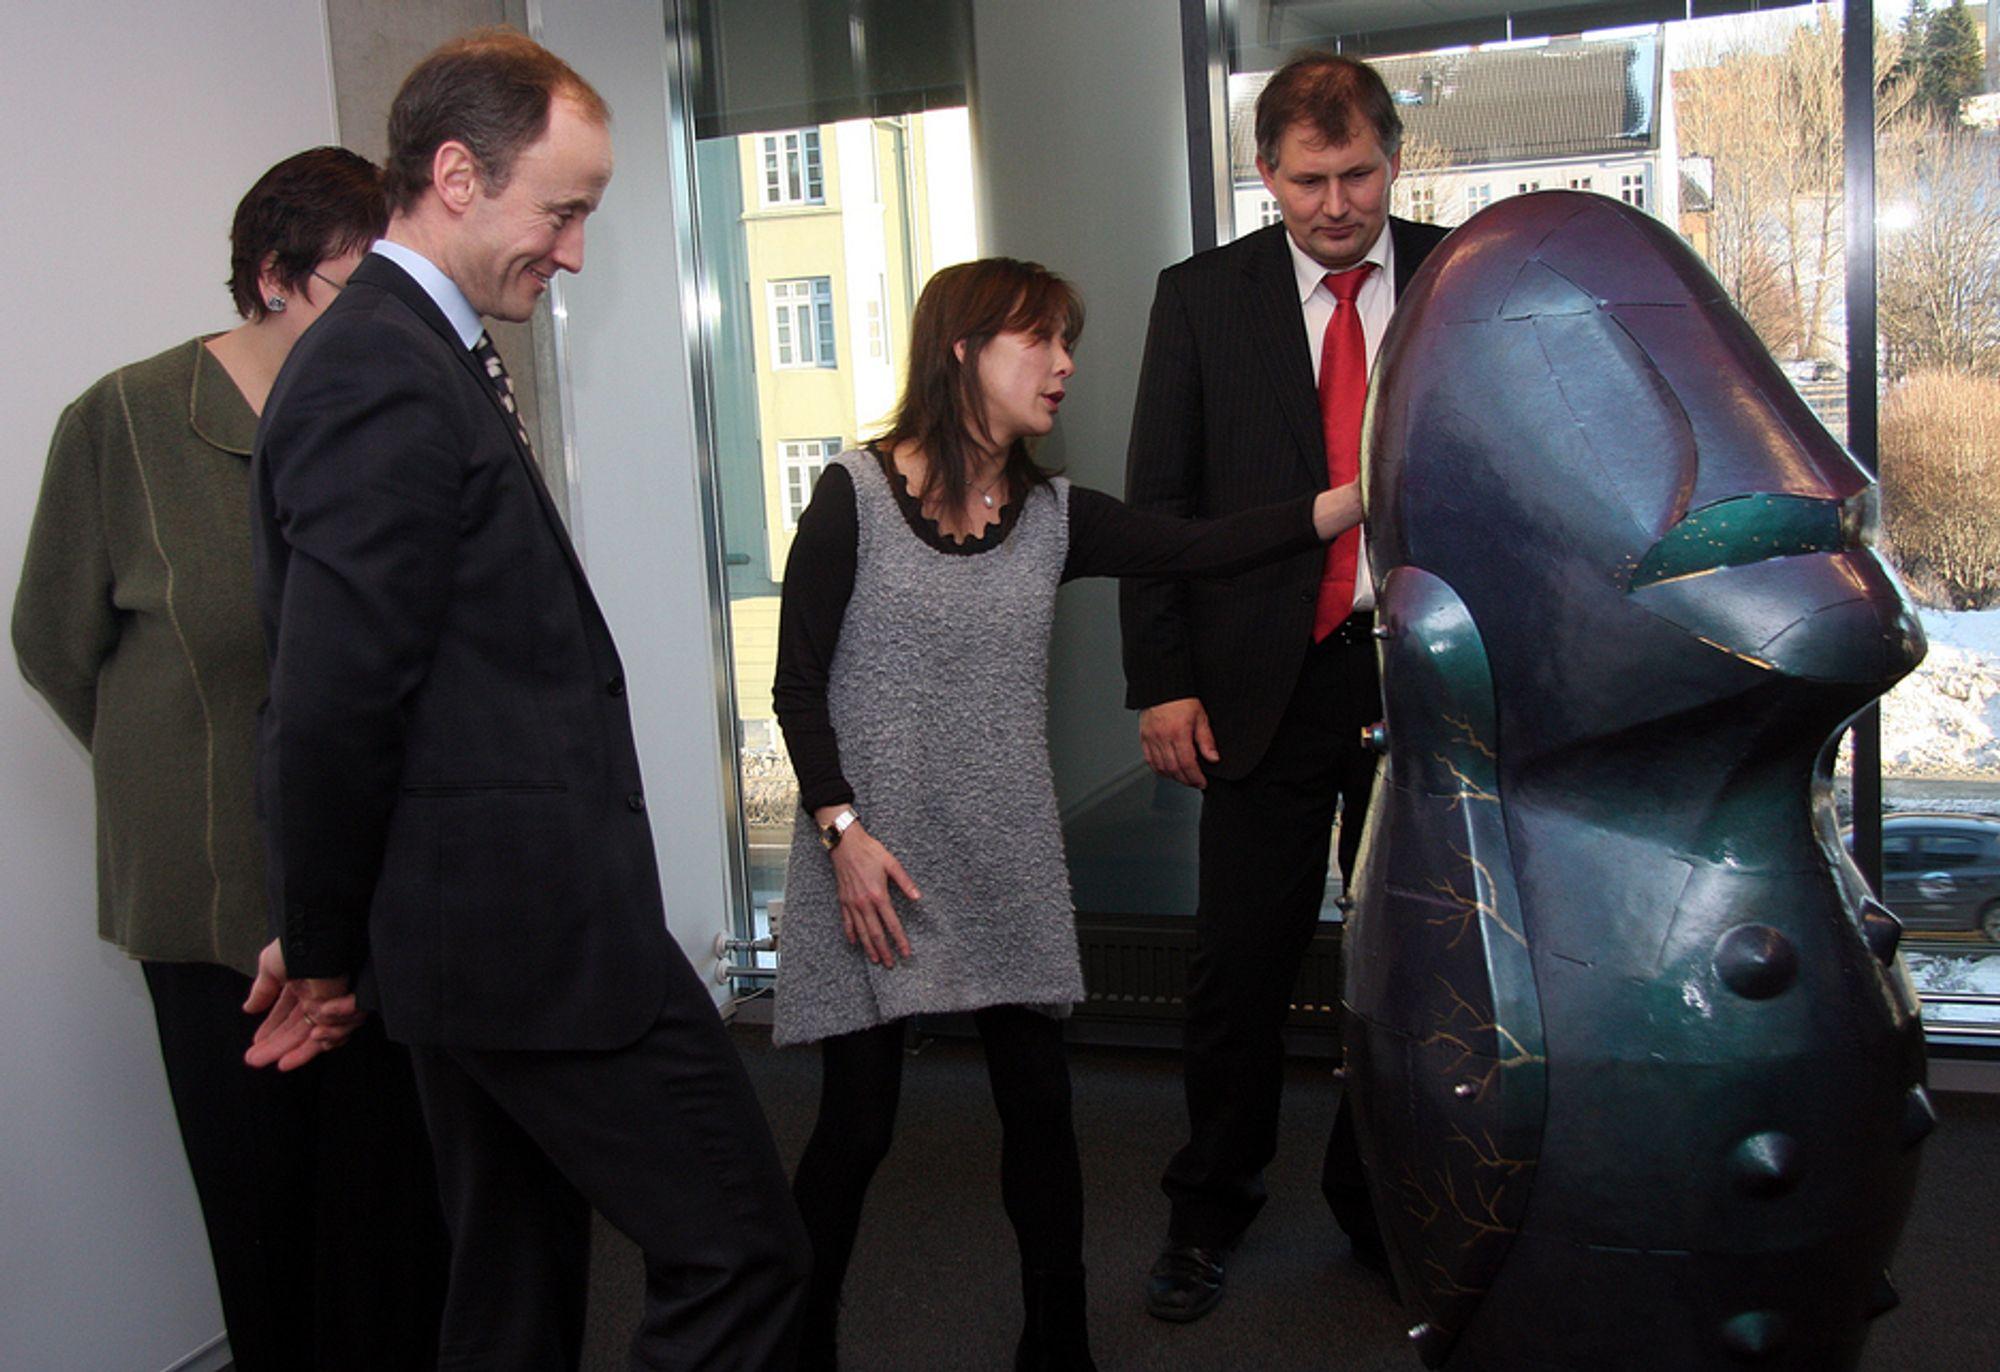 AVDUKET: Kunstner Jannicke Olsen forklarer olje- og energiminister Terje Riis-Johansen hvordan hun har forvandlet oljekjelen til et kunstverk.